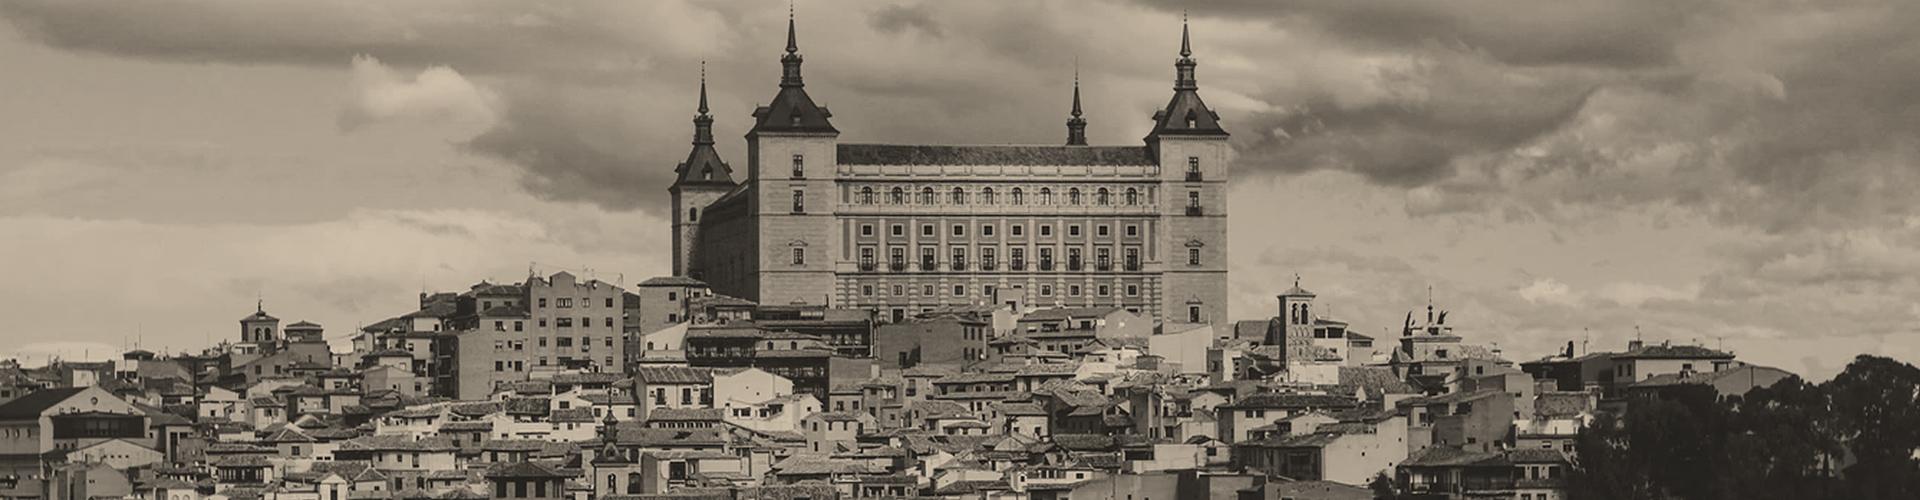 Toledo medio día - 5 horas - 400 €